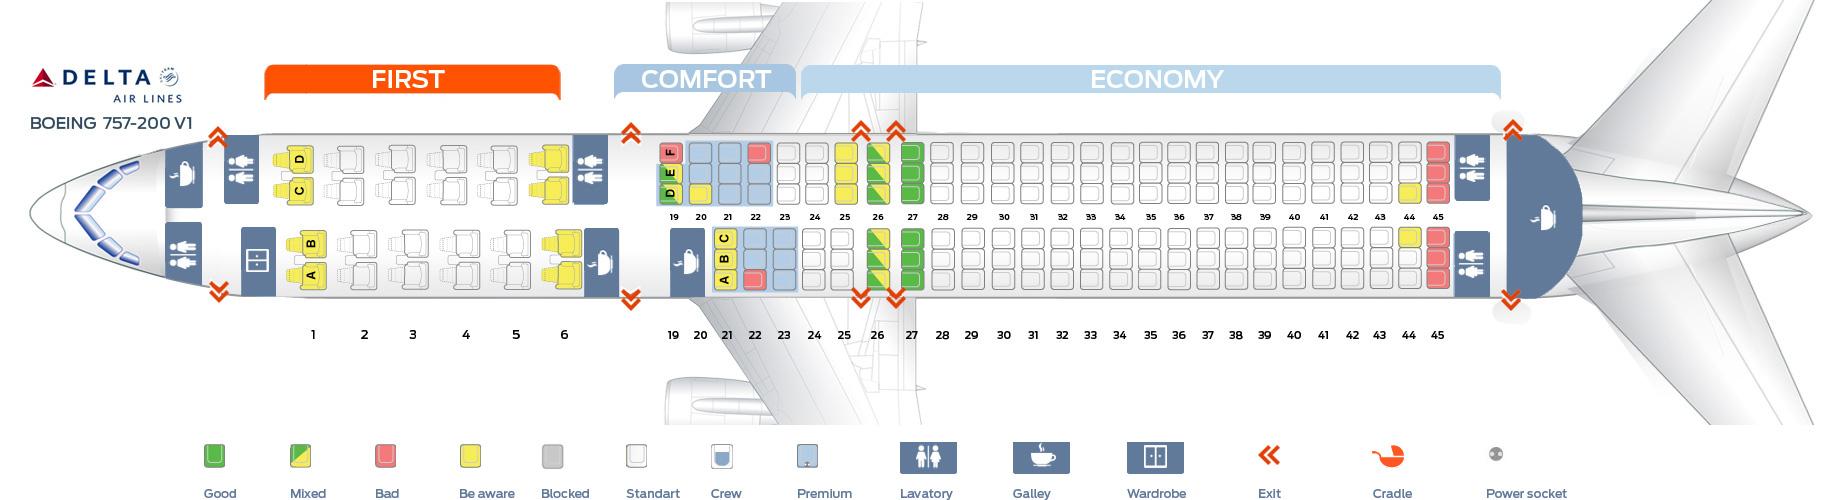 Index Of Plans Dl Delta